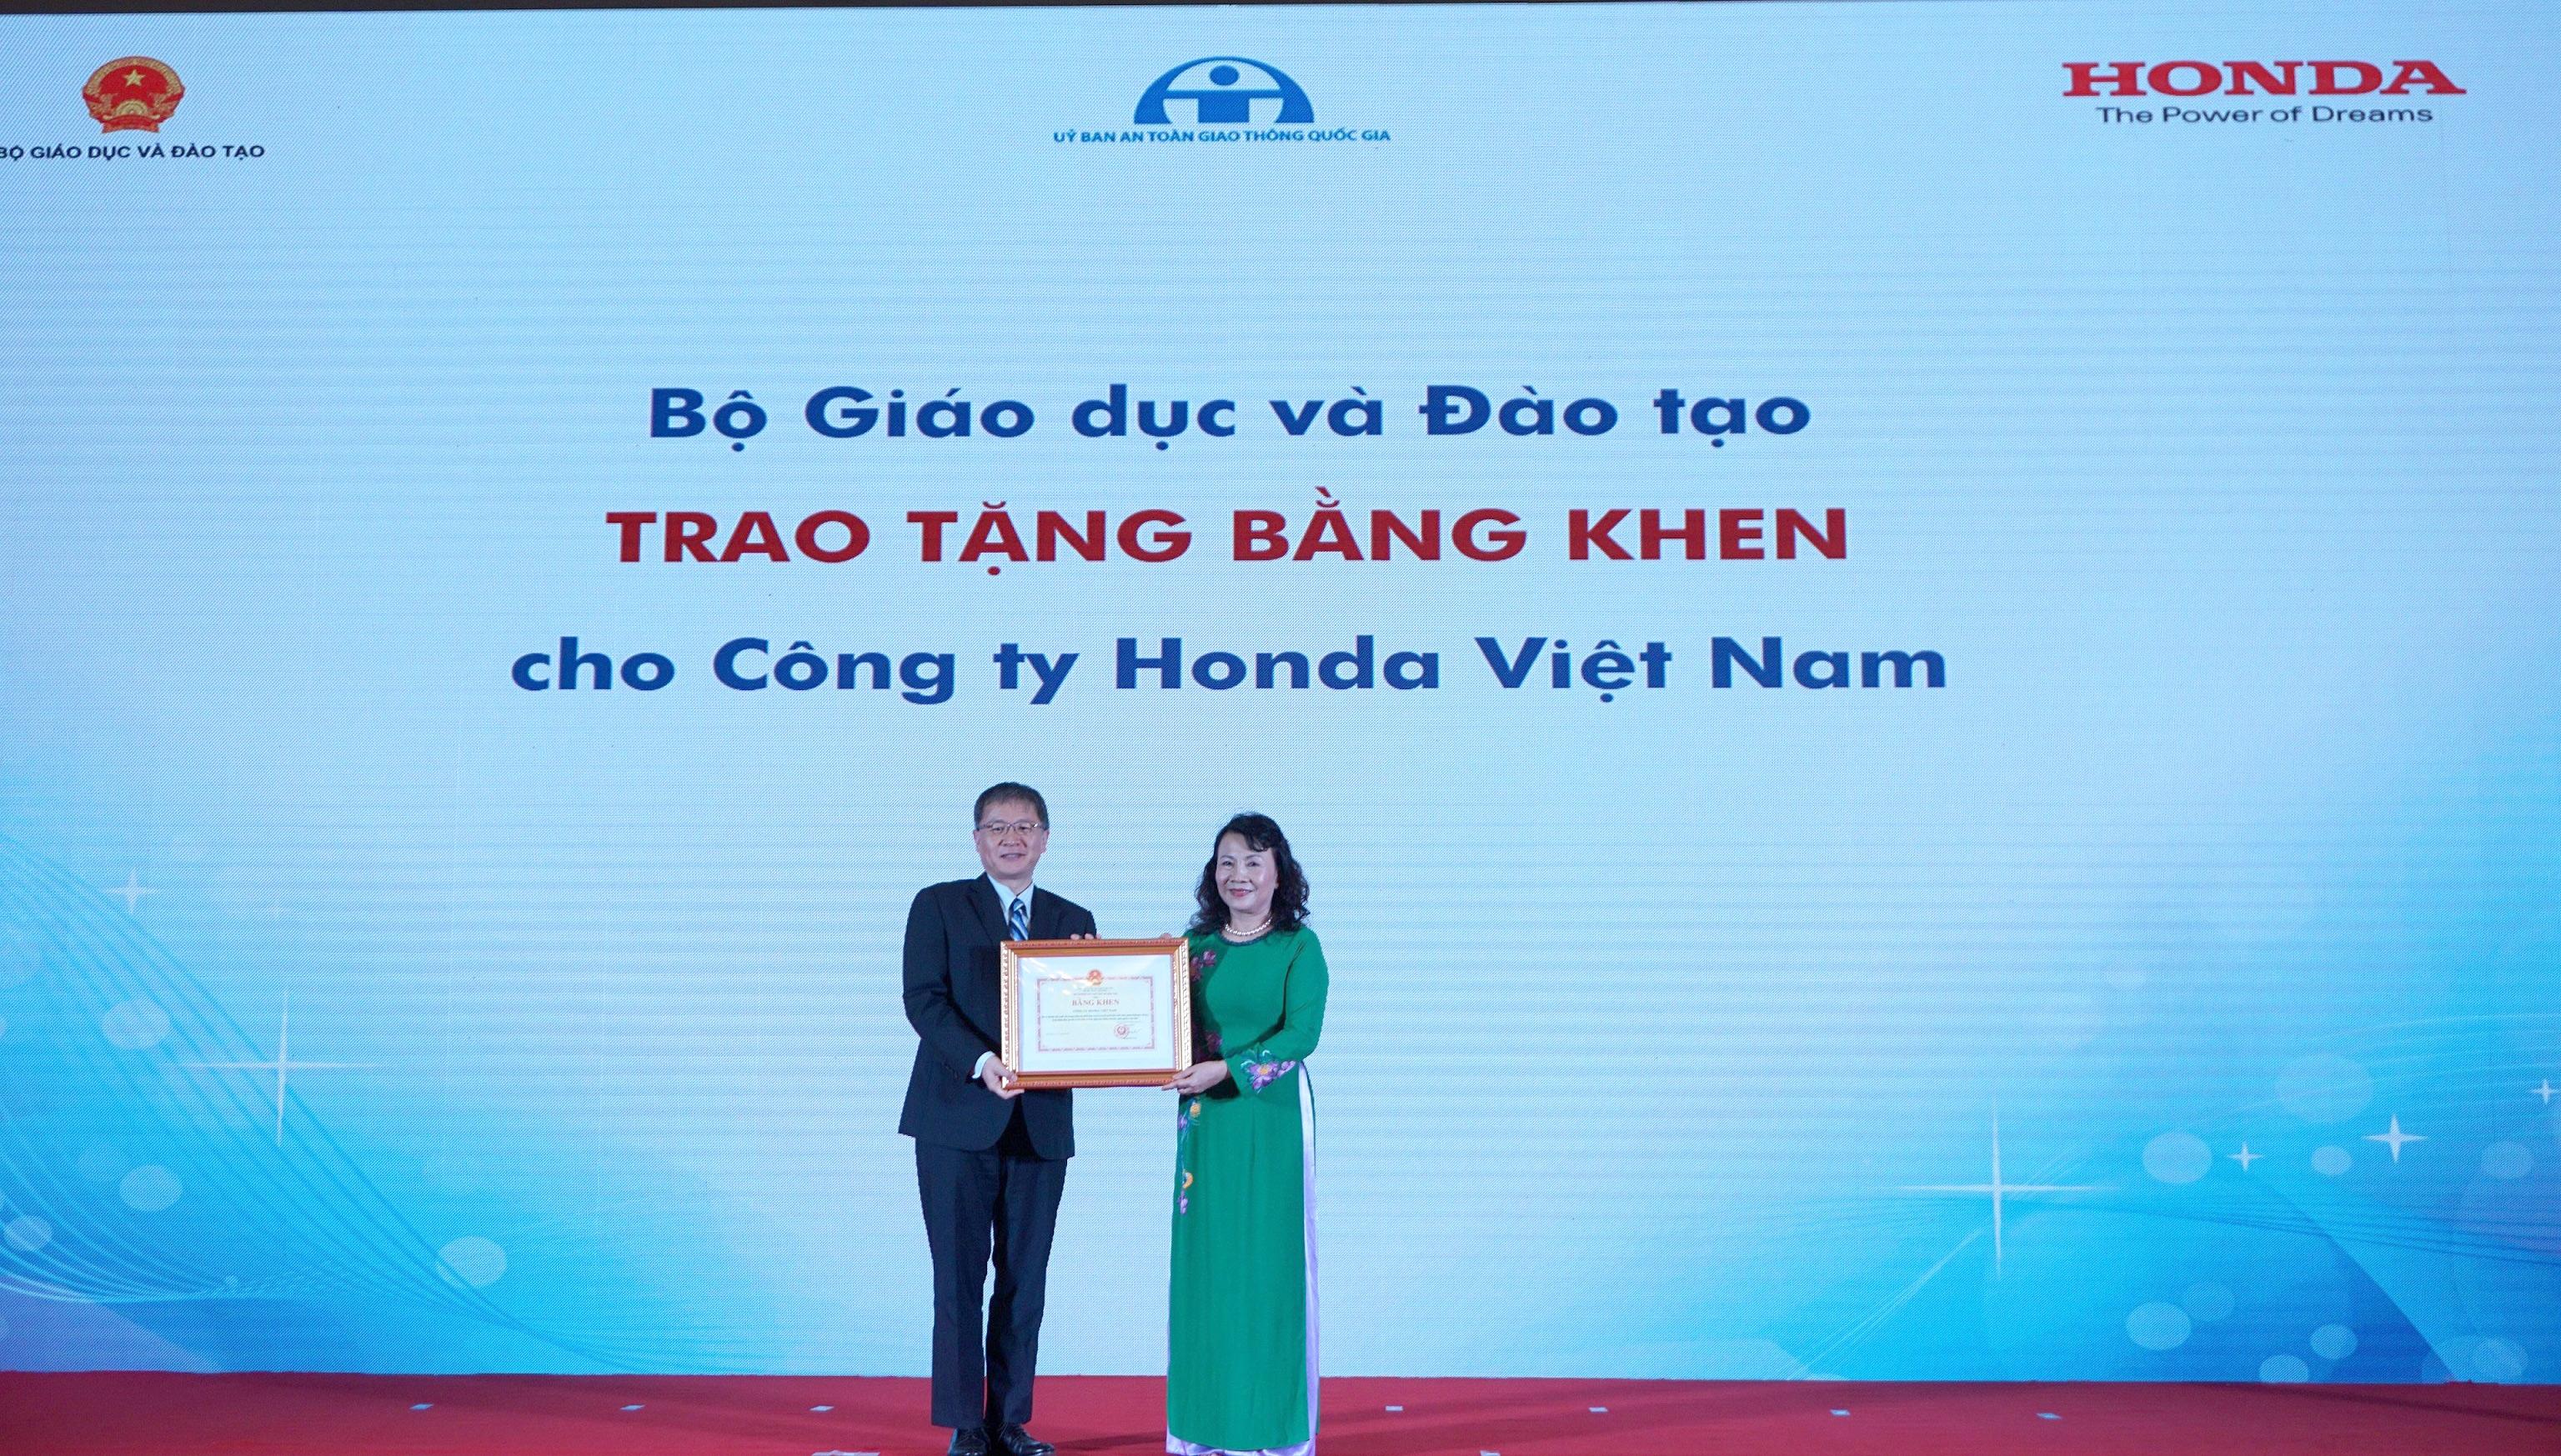 honda-vietnam-02.jpg